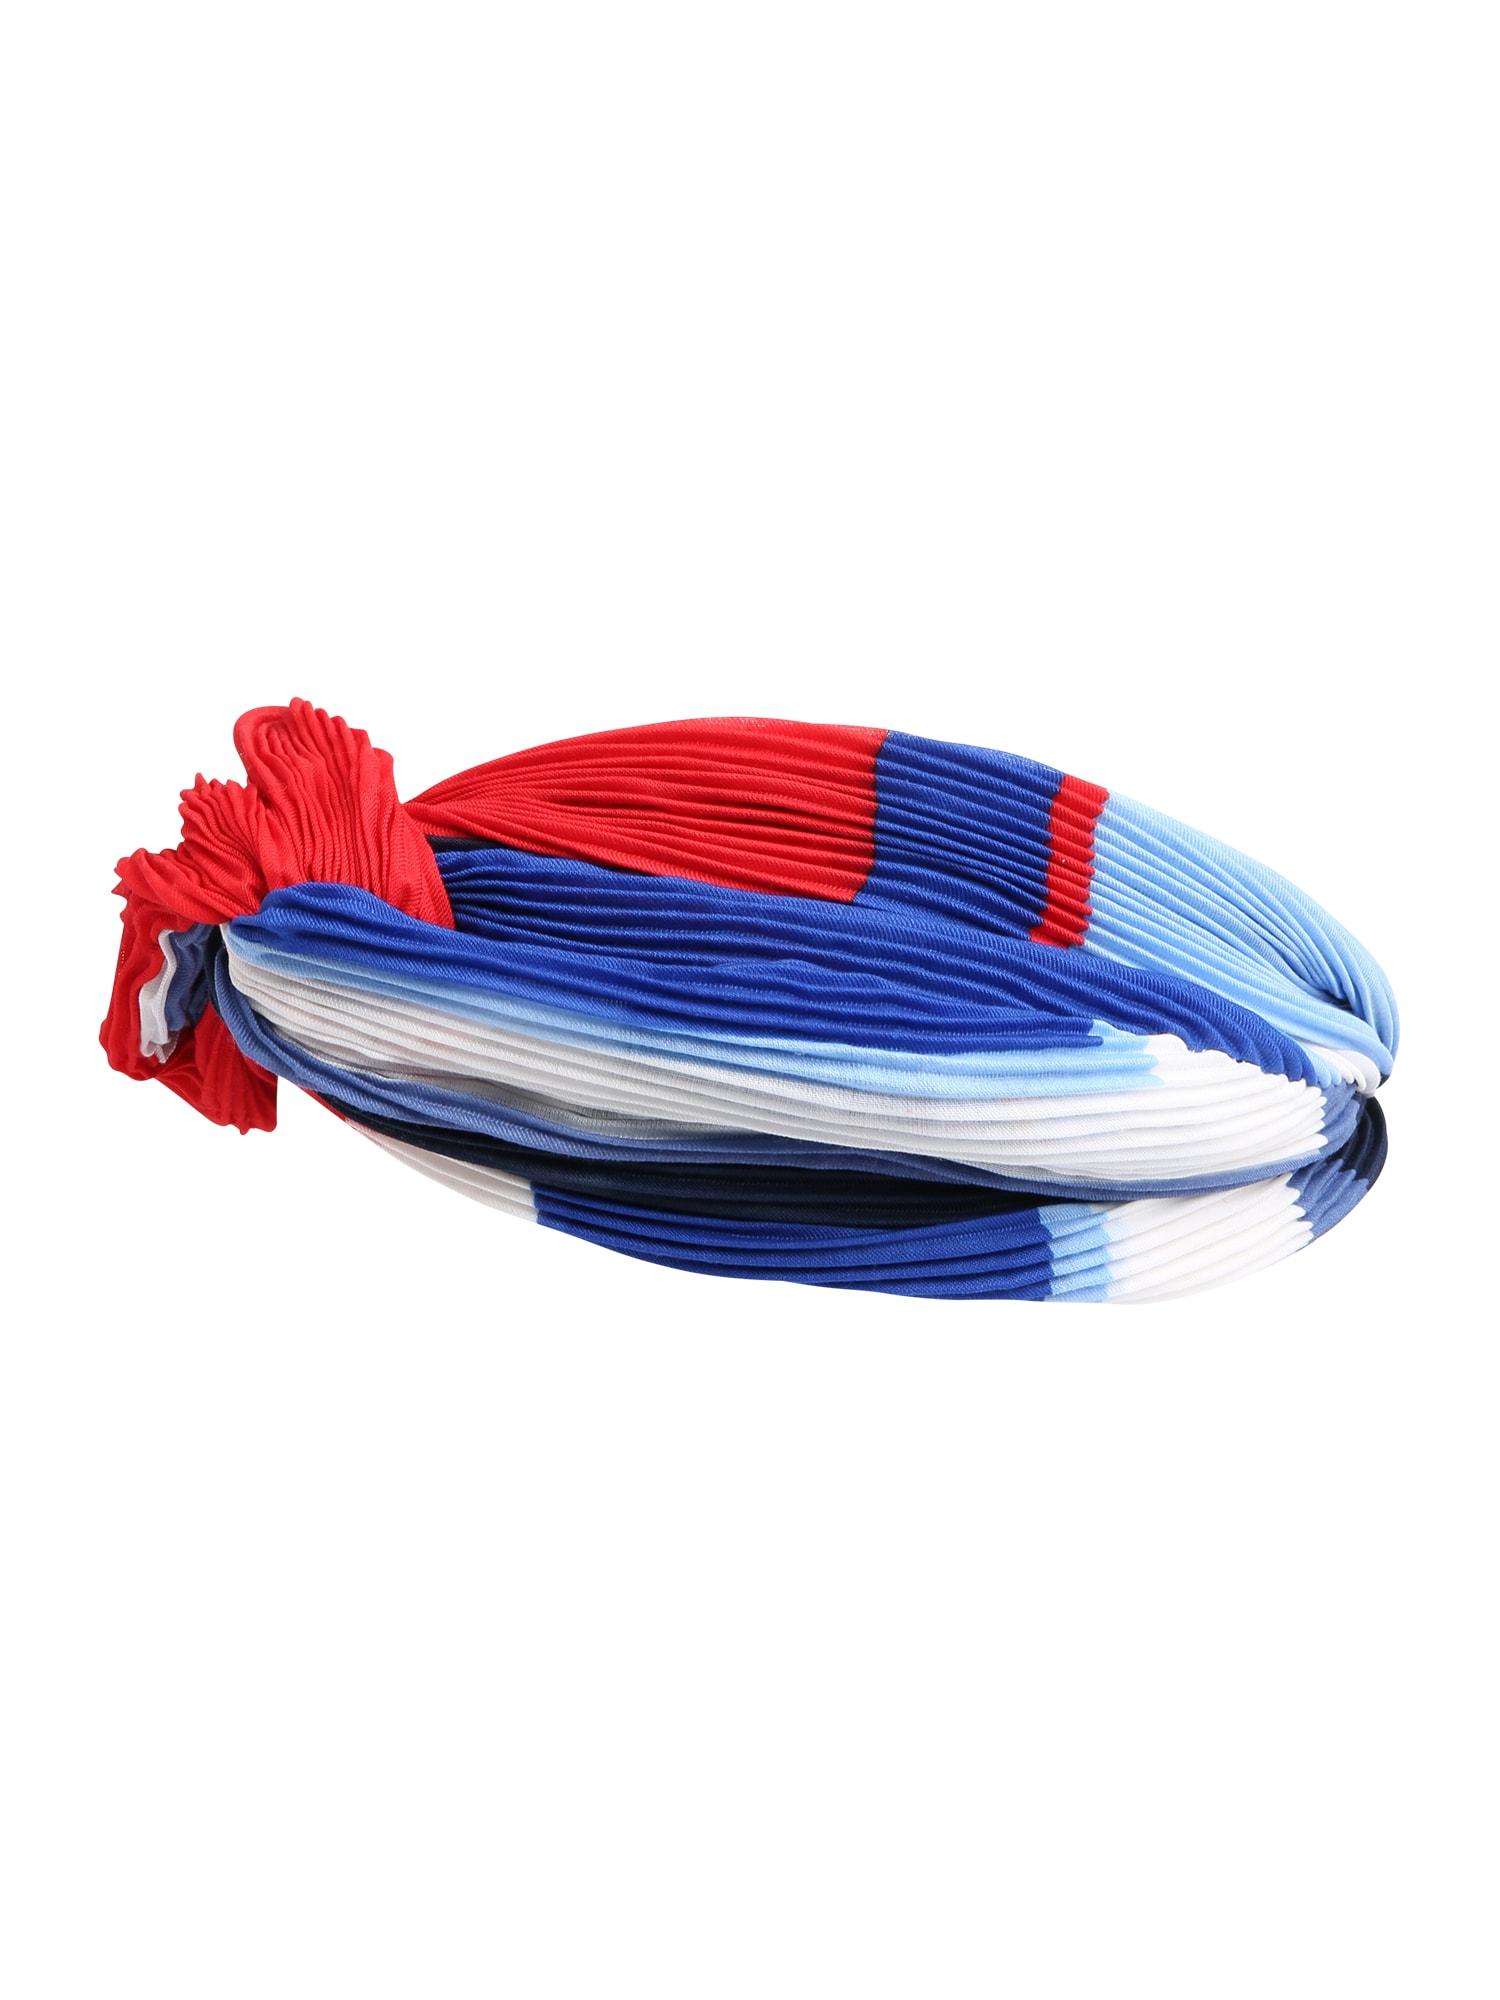 Šperky do vlasů modrá červená bílá ESPRIT